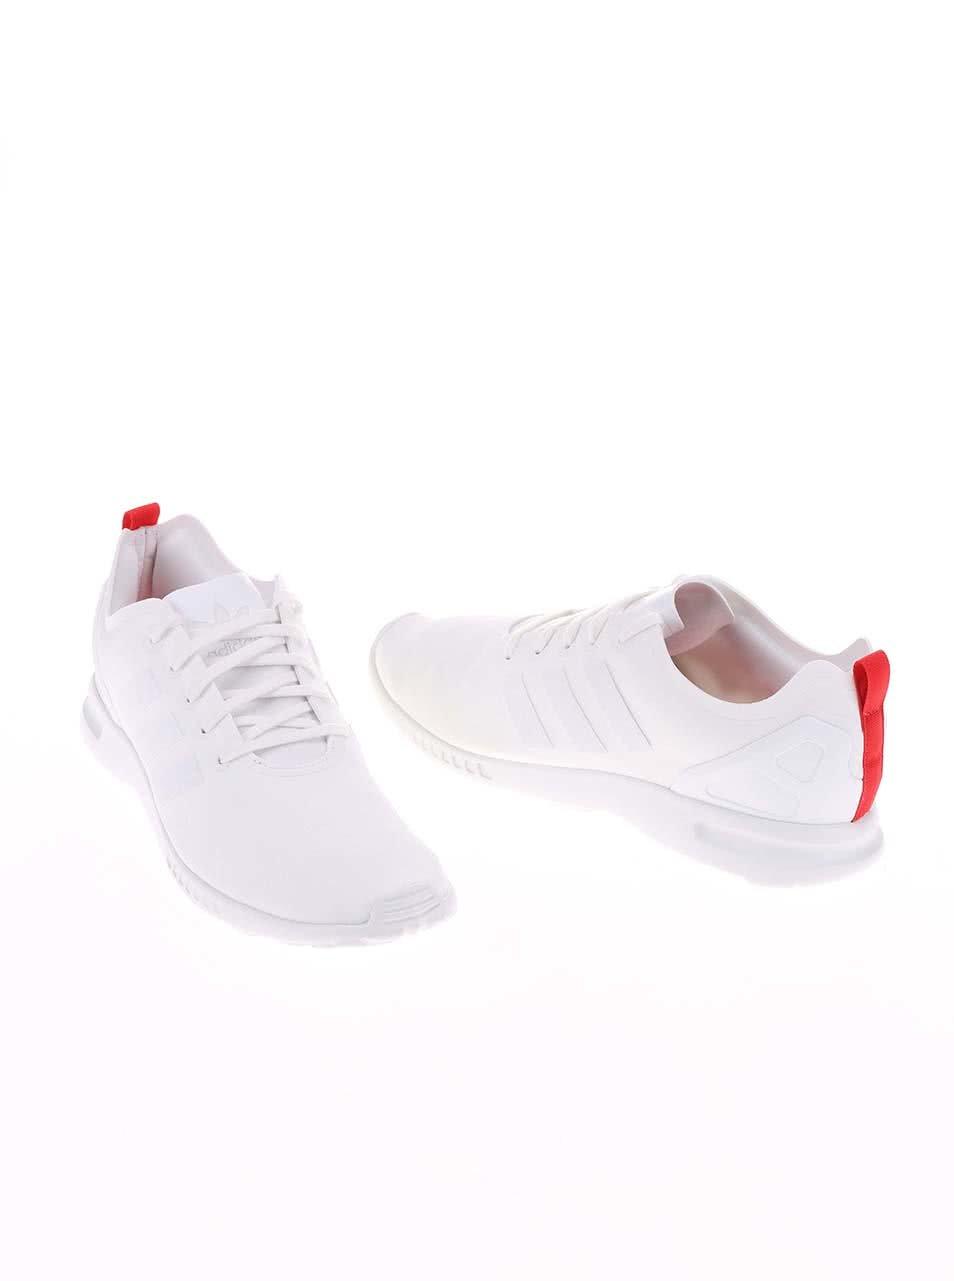 Biele dámske tenisky adidas Originals ZX Flux ... c05e79115d